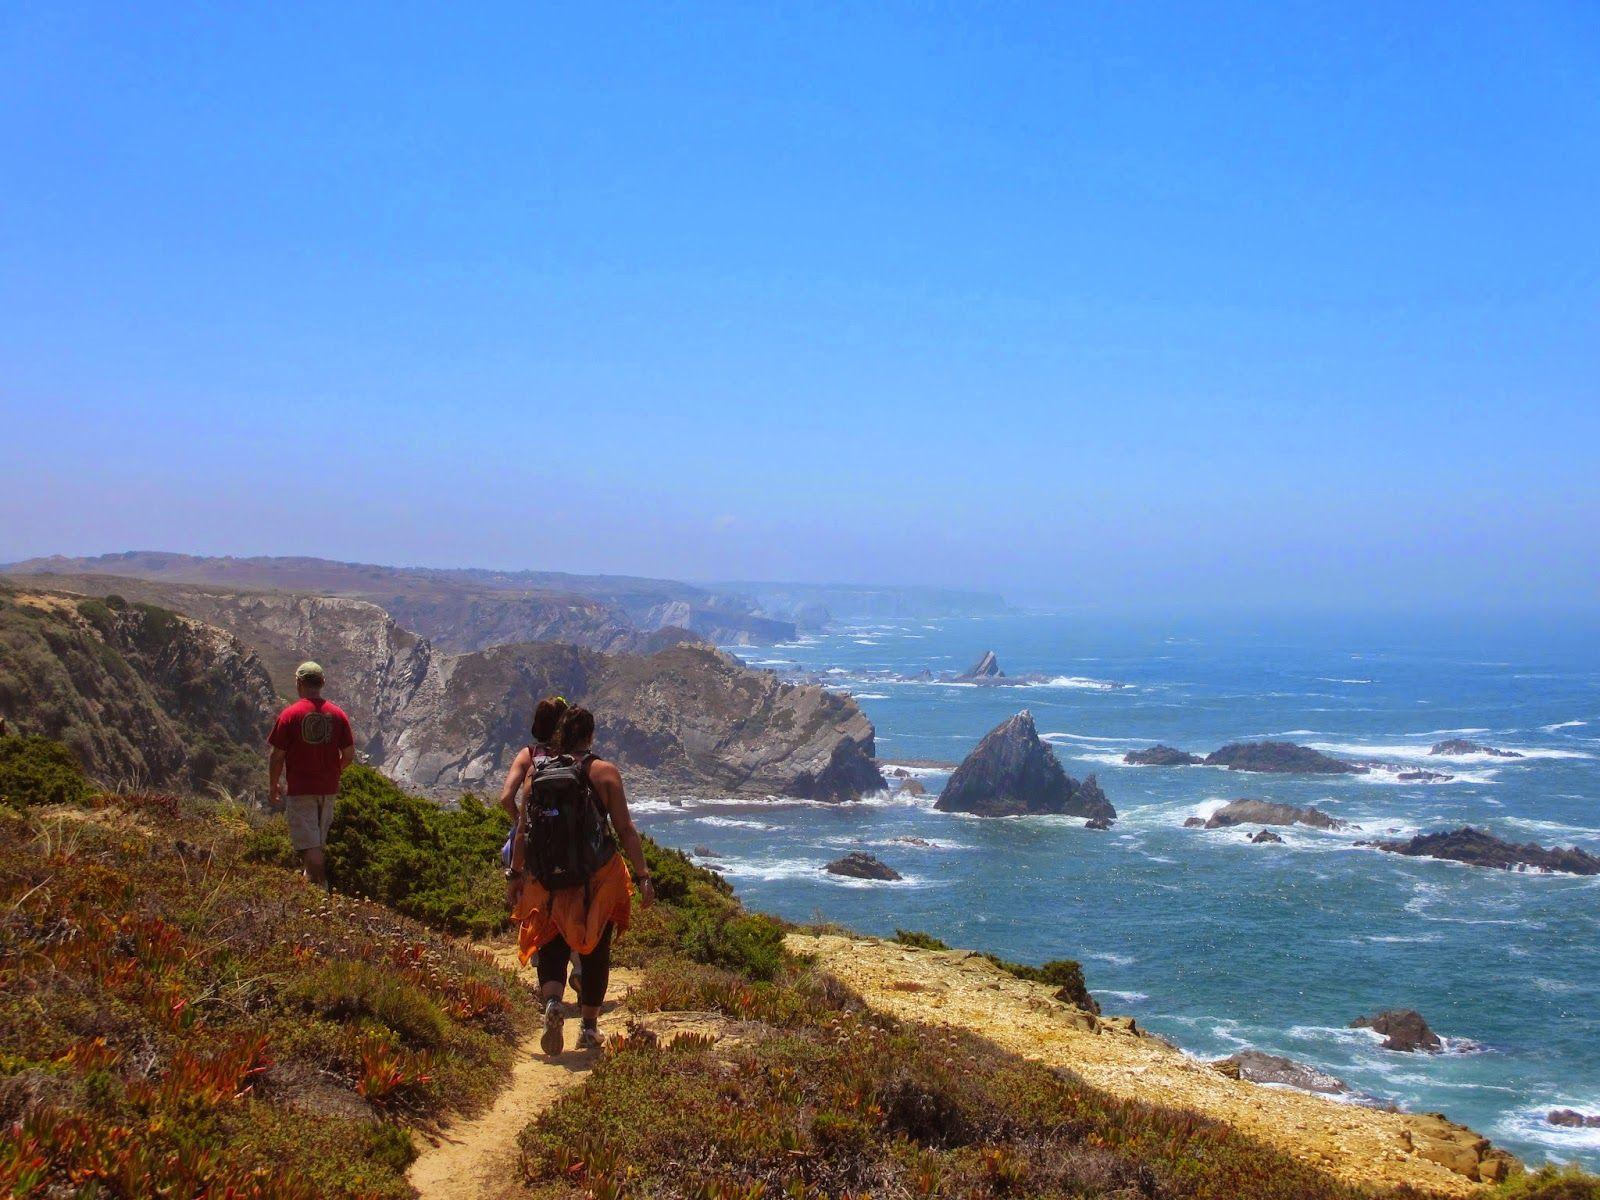 A costa alentejana é das regiões mais bonitas de Portugal e do mundo. Quem o diz…